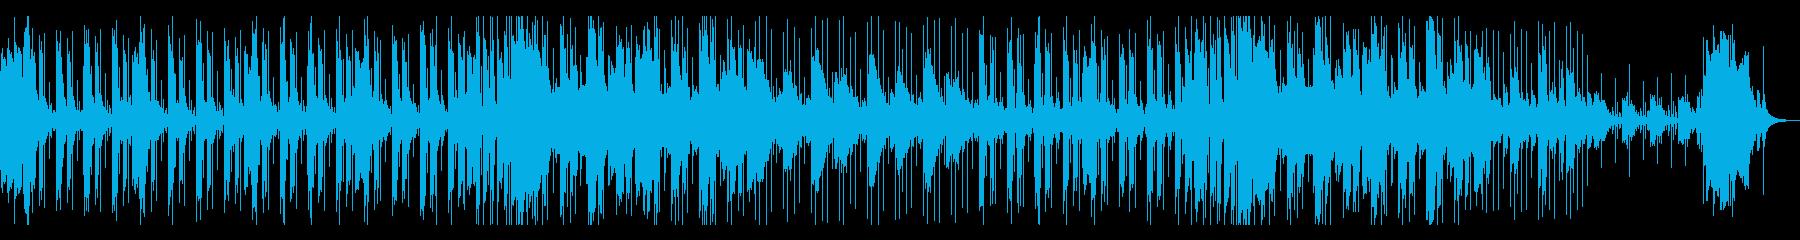 レトロ感漂うEピアノのチルアウトの再生済みの波形